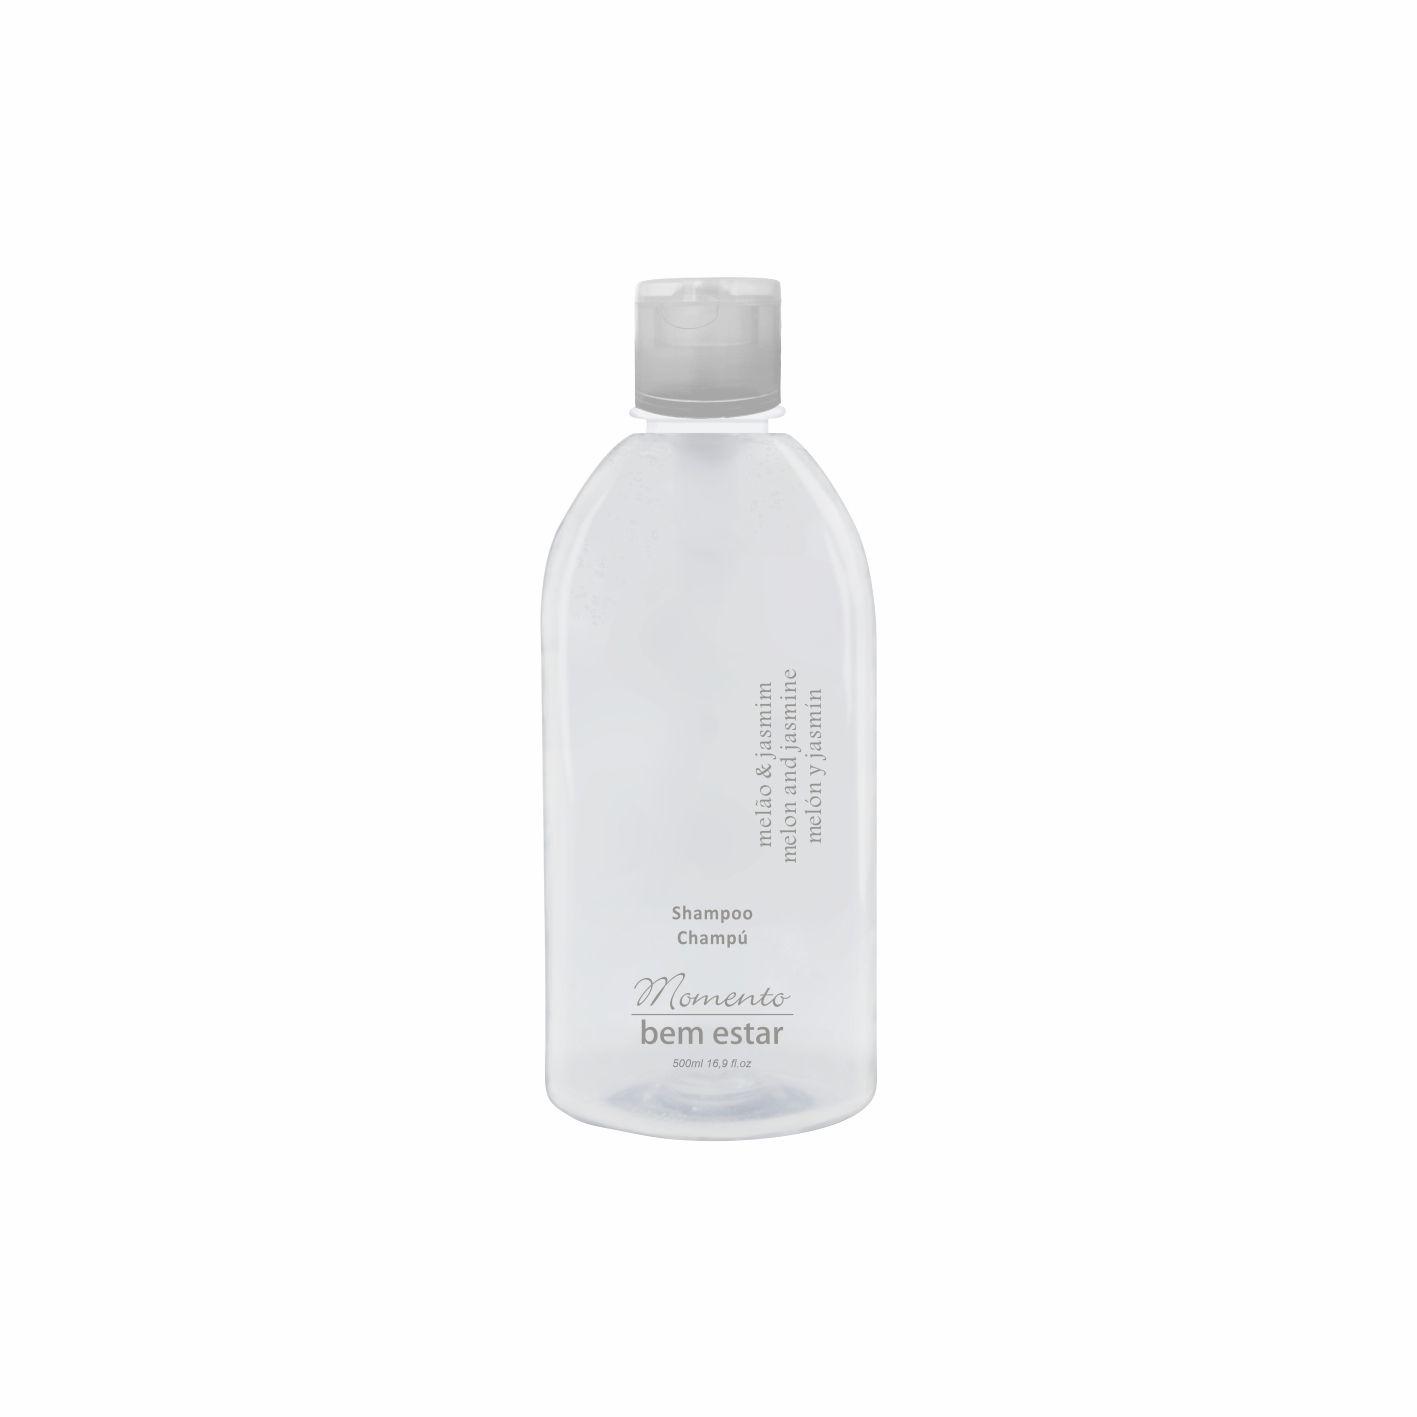 Momento Bem Estar shampoo 500ml   - Alma Brasil Cosméticos